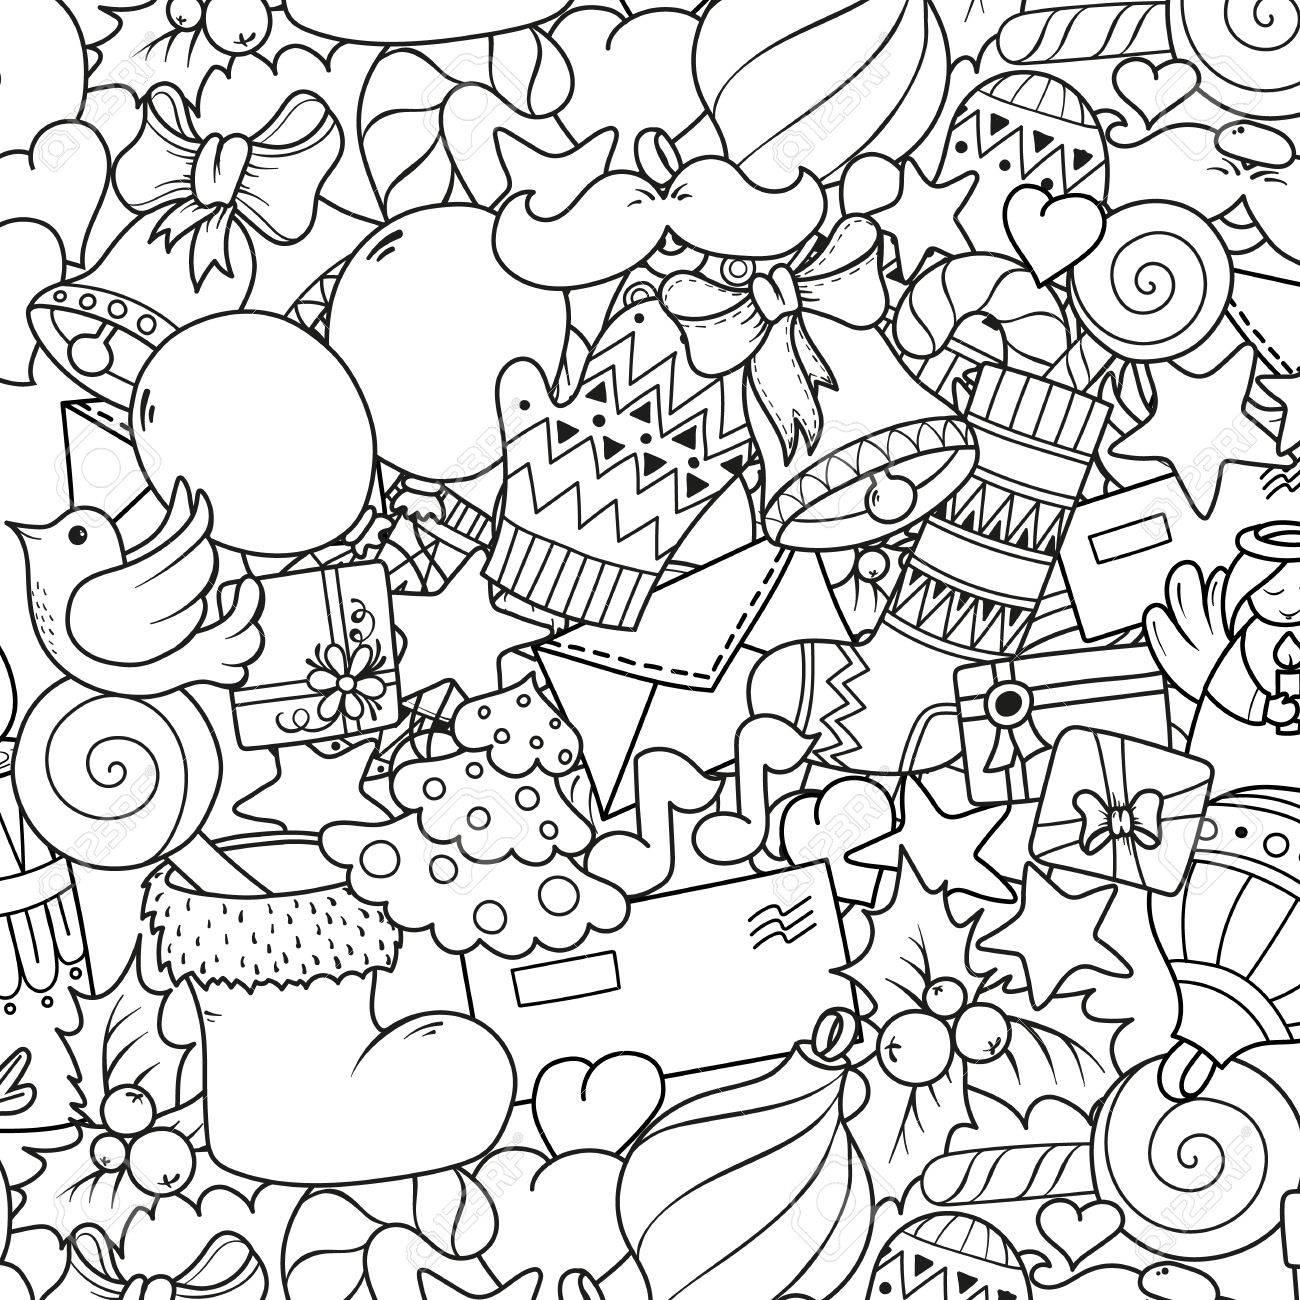 Frohe Weihnachten Satz Von Weihnachten Monochrome Muster Und Text